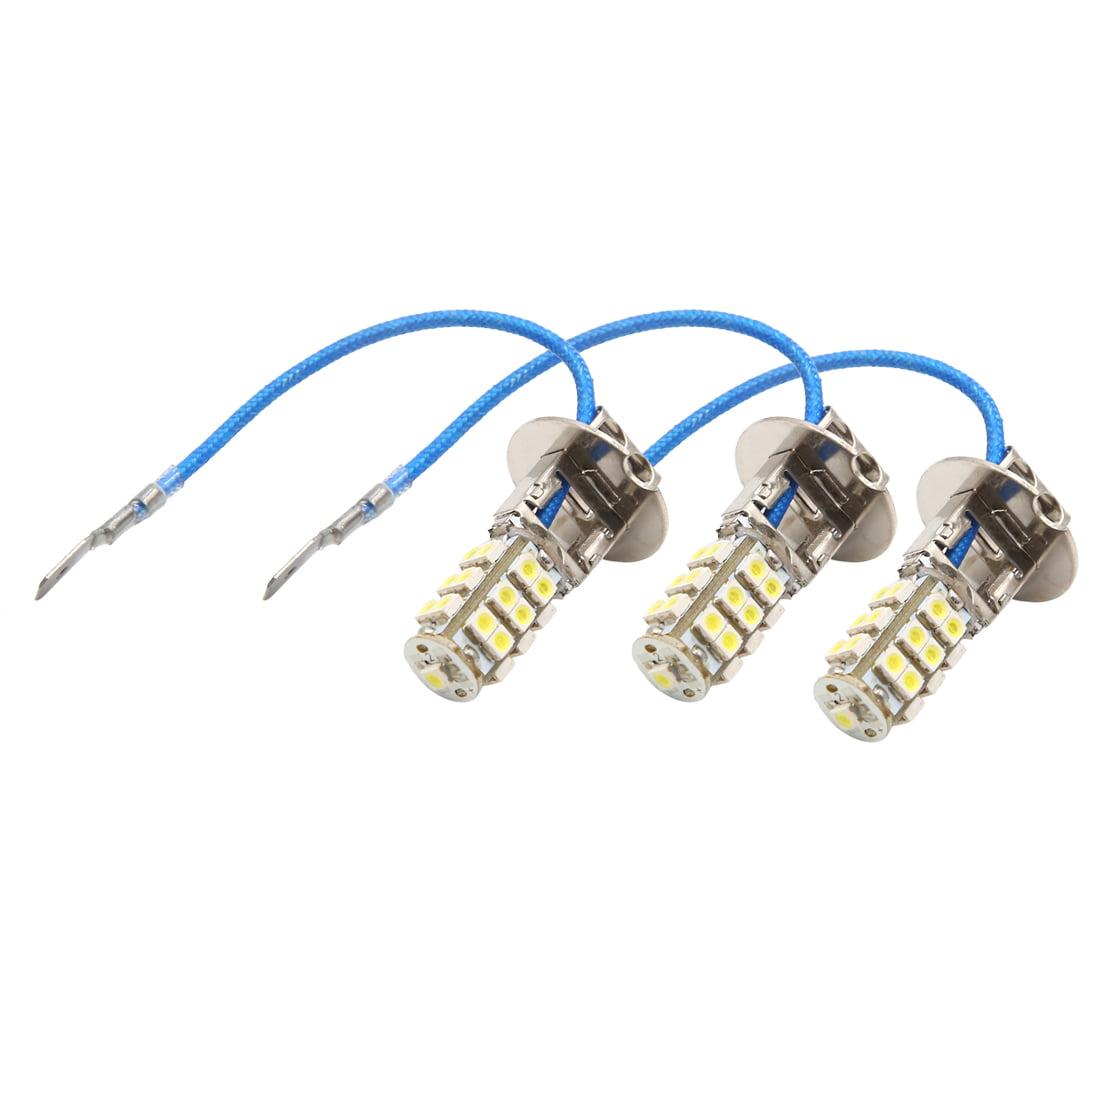 3Pcs 12V H3 White 25 SMD  Foglight Headlight Driving Light Lamp Bulb for Car